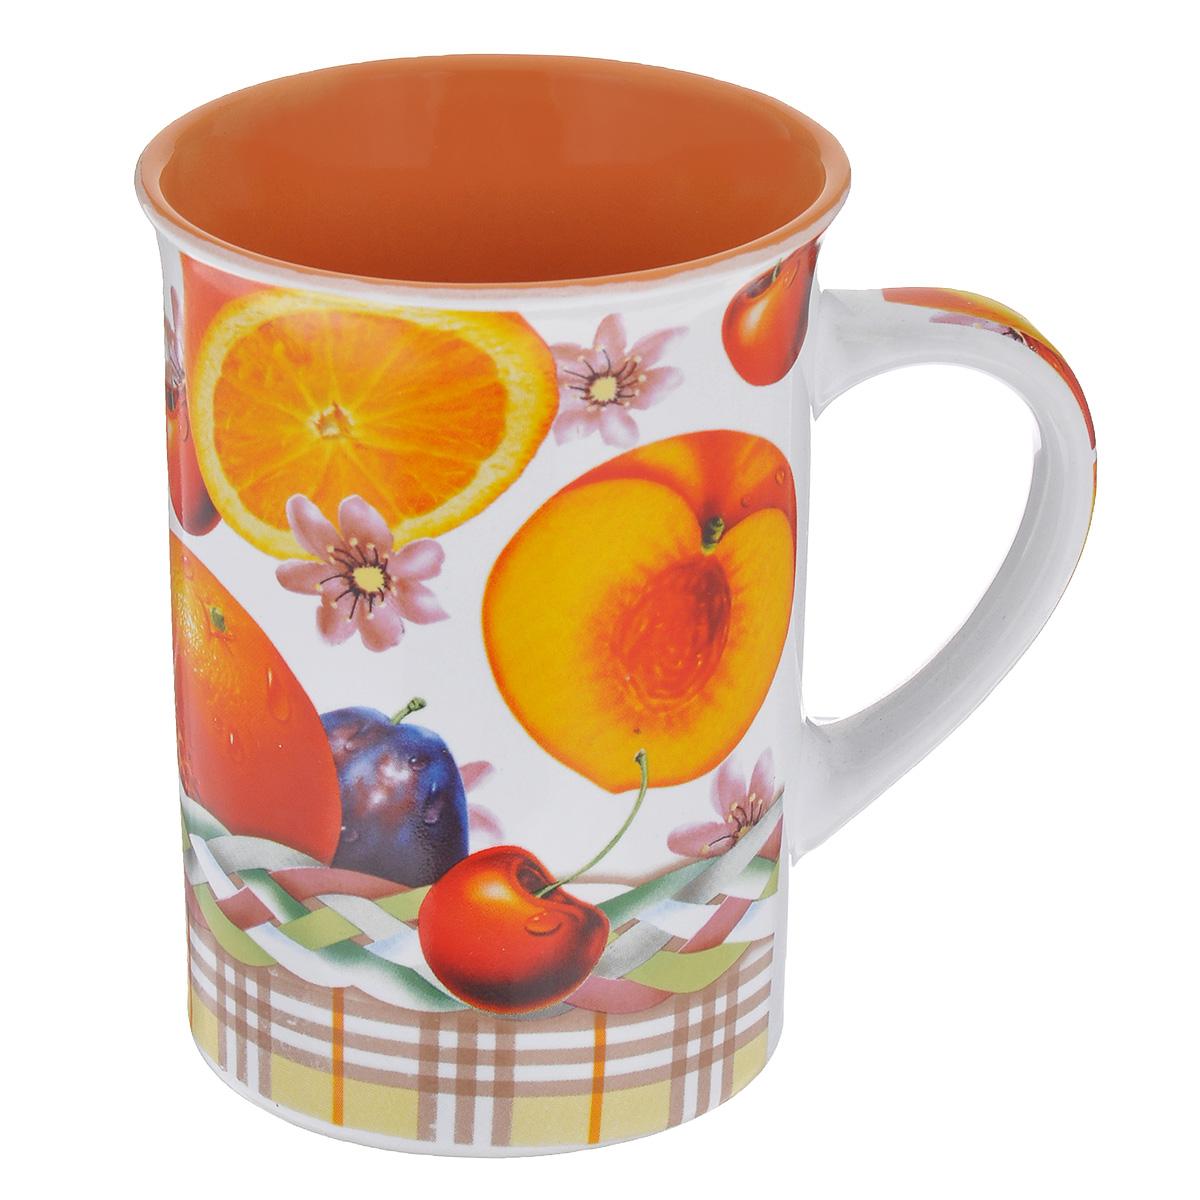 Кружка Фрукты, 340 млTLSD11-13Кружка Фрукты выполнена из высококачественной керамики. Снаружи она декорирована ярким изображением сочных фруктов. Кружка сочетает в себе оригинальный дизайн и функциональность. Благодаря такой кружке пить напитки будет еще вкуснее. Диаметр кружки по верхнему краю: 8,5 см. Высота стенок: 11 см. Объем: 340 мл.